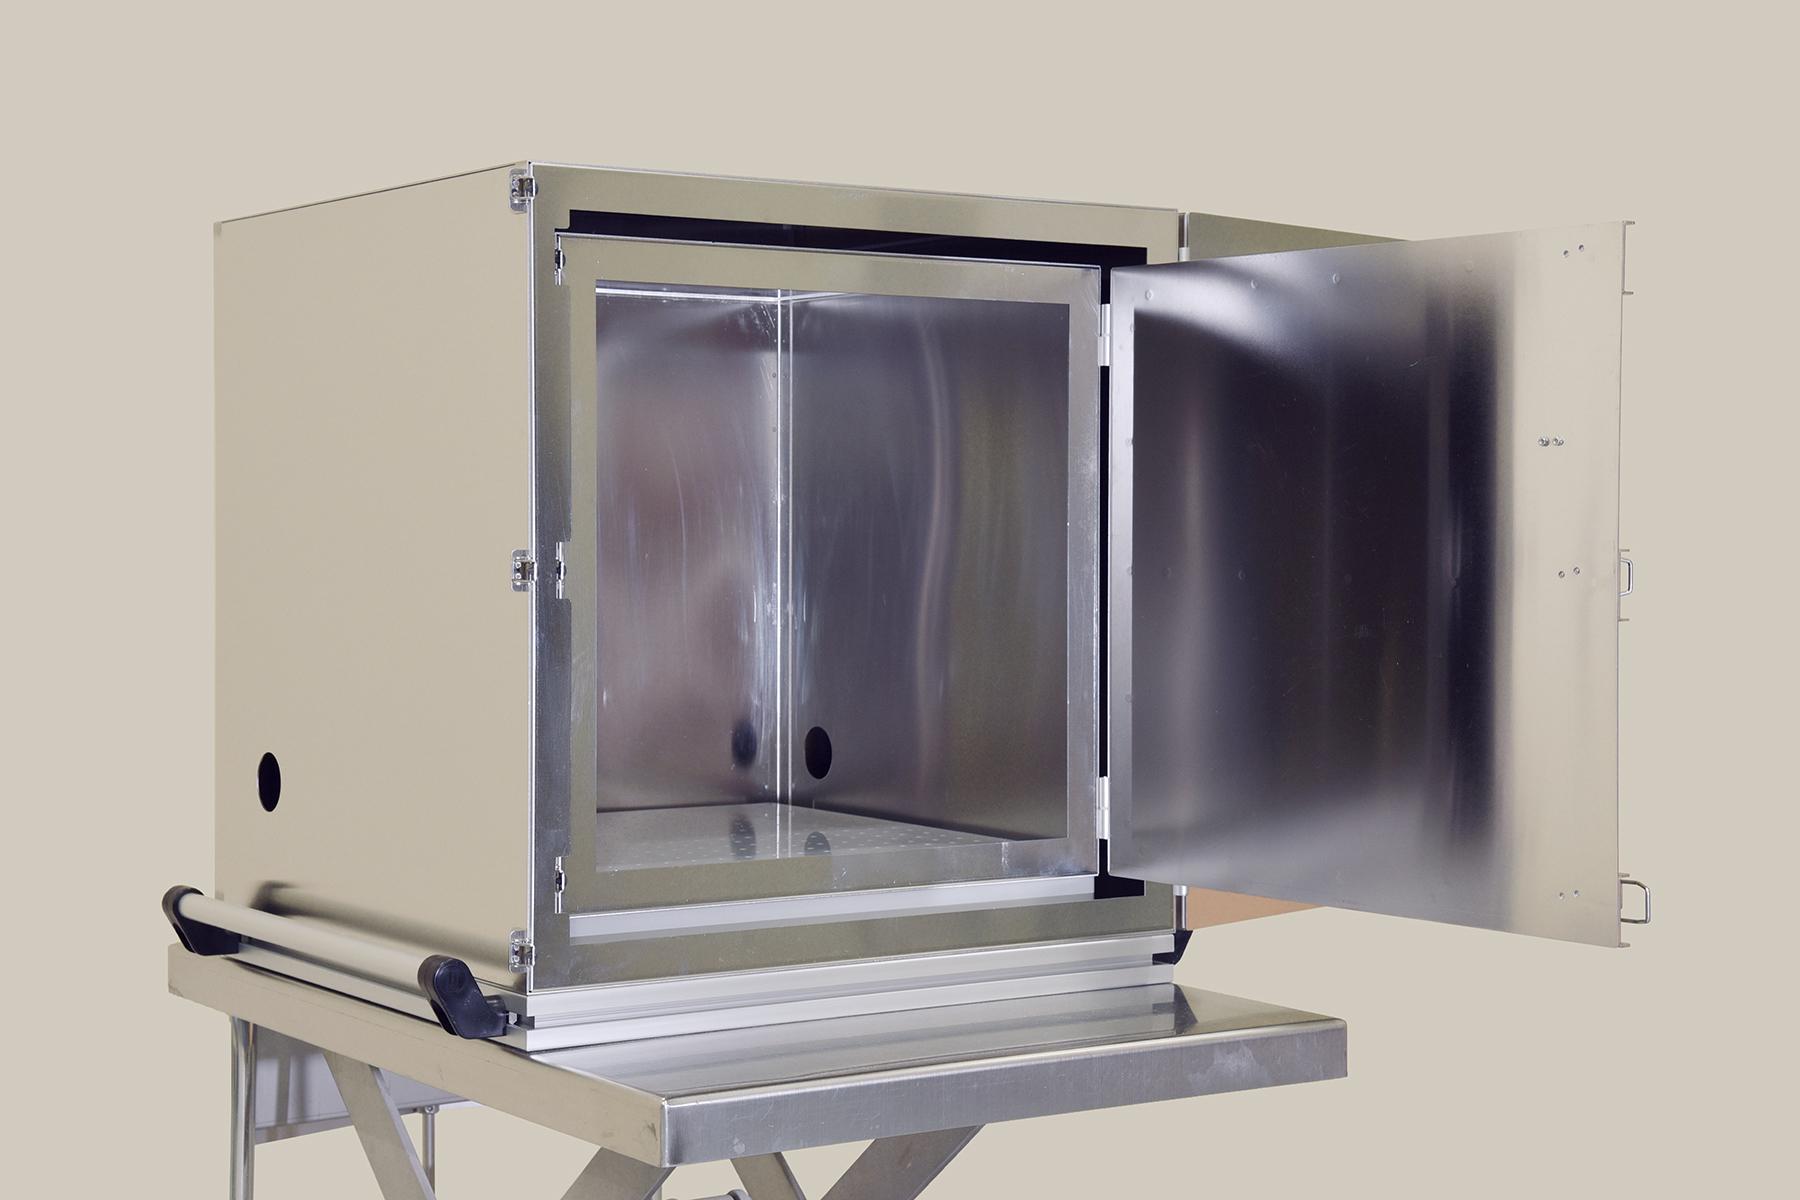 磁気シールドボックス標準品